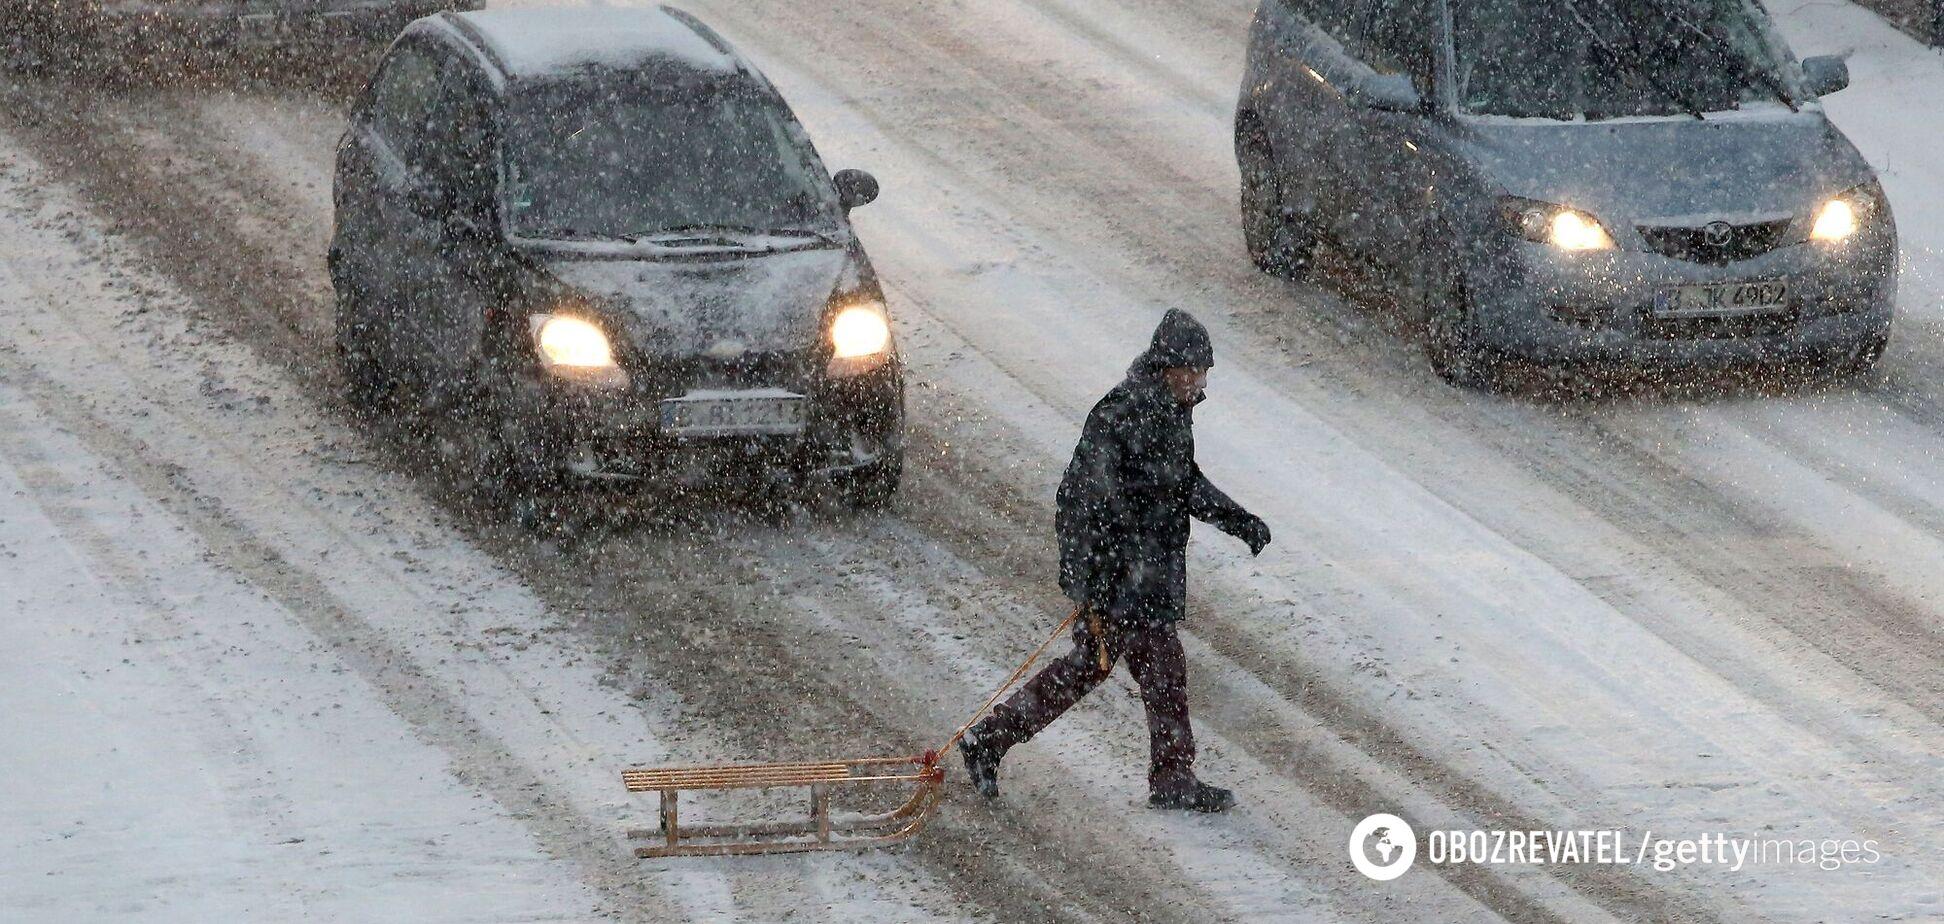 В Україні очікують мокрий сніг із дощем, водіїв попередили про ожеледицю. Карта